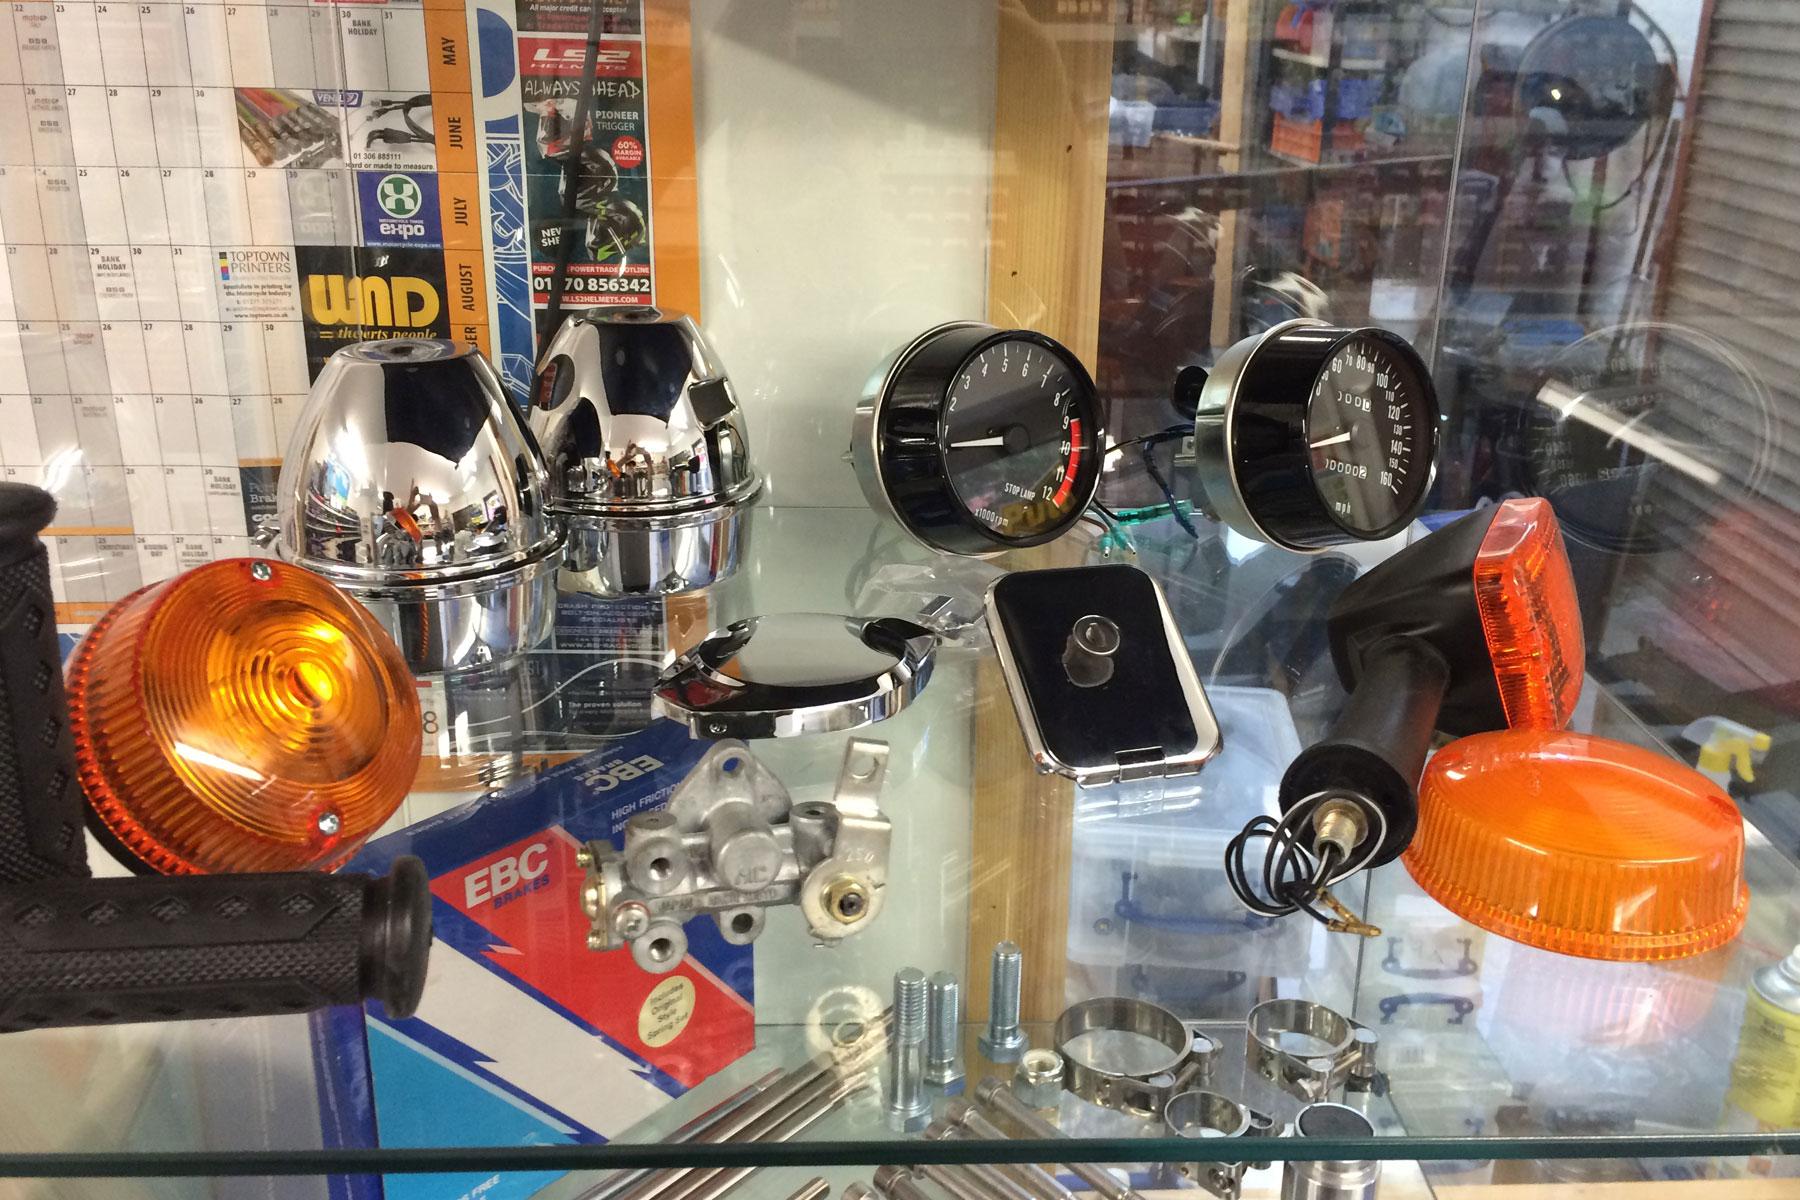 Zed Parts Ltd The Kawasaki Z1300 Specialist Zn1300 Wiring Harness Show 002